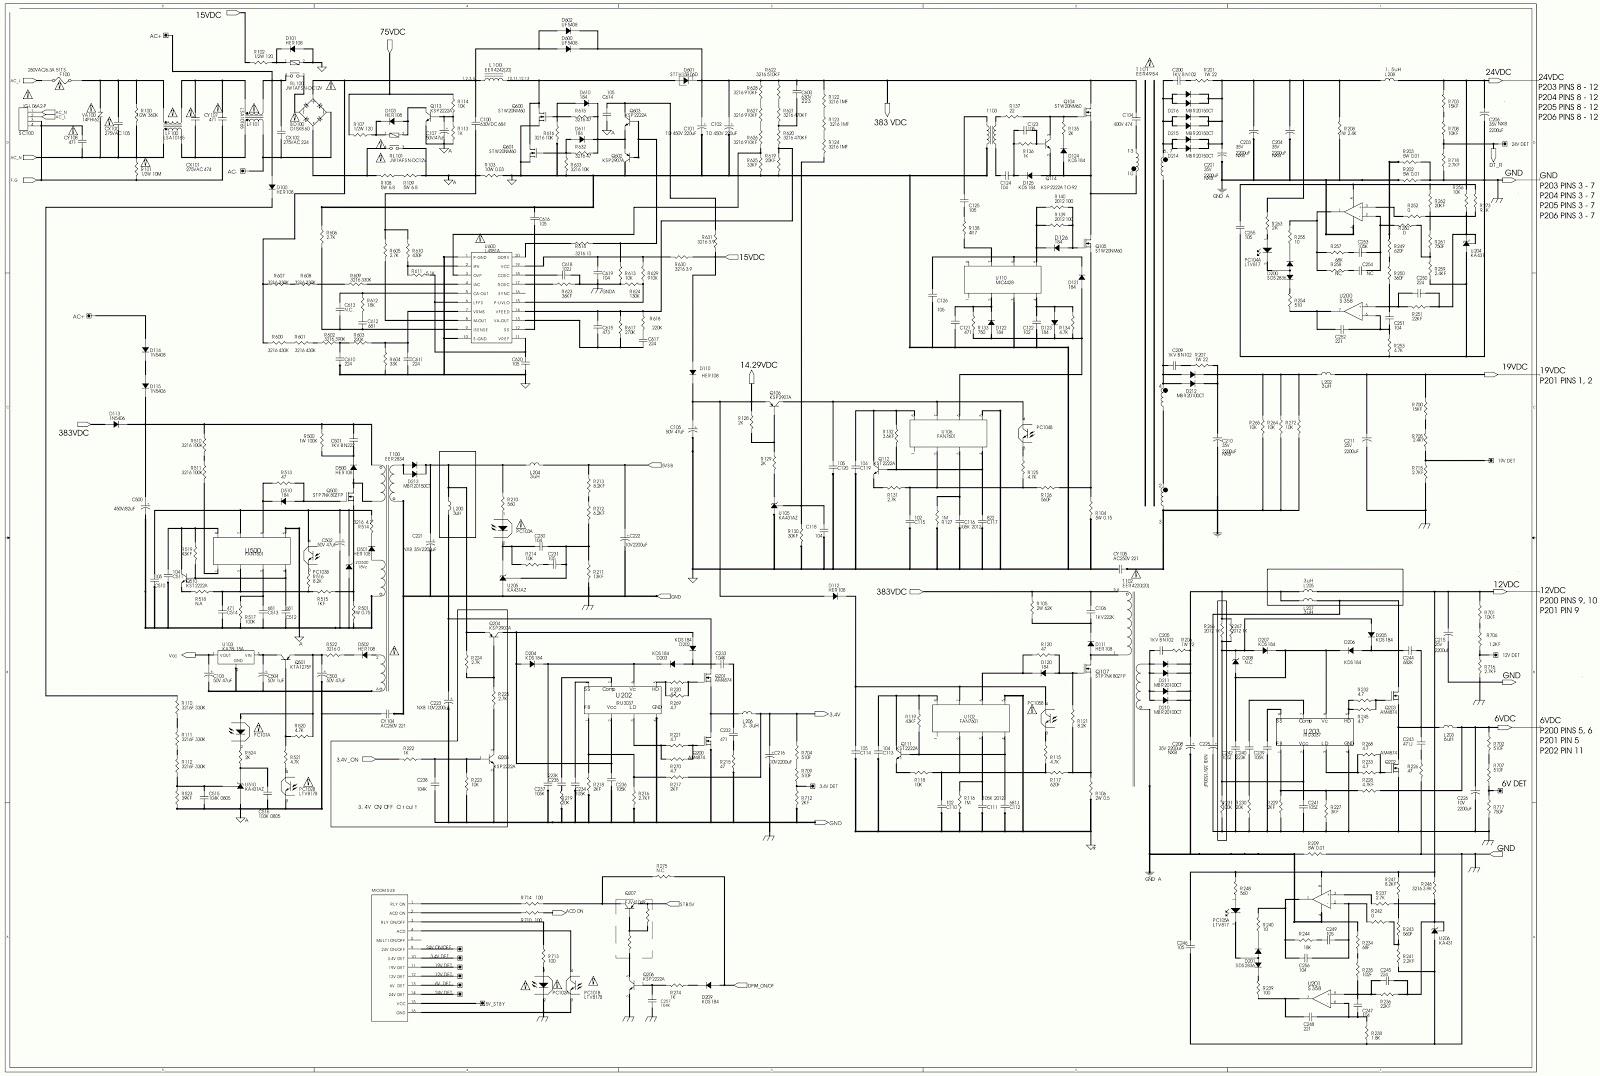 medium resolution of vizio tv wiring diagram wiring diagram ebookvizio tv wiring diagram wiring diagrams lolvizio tv wiring diagram